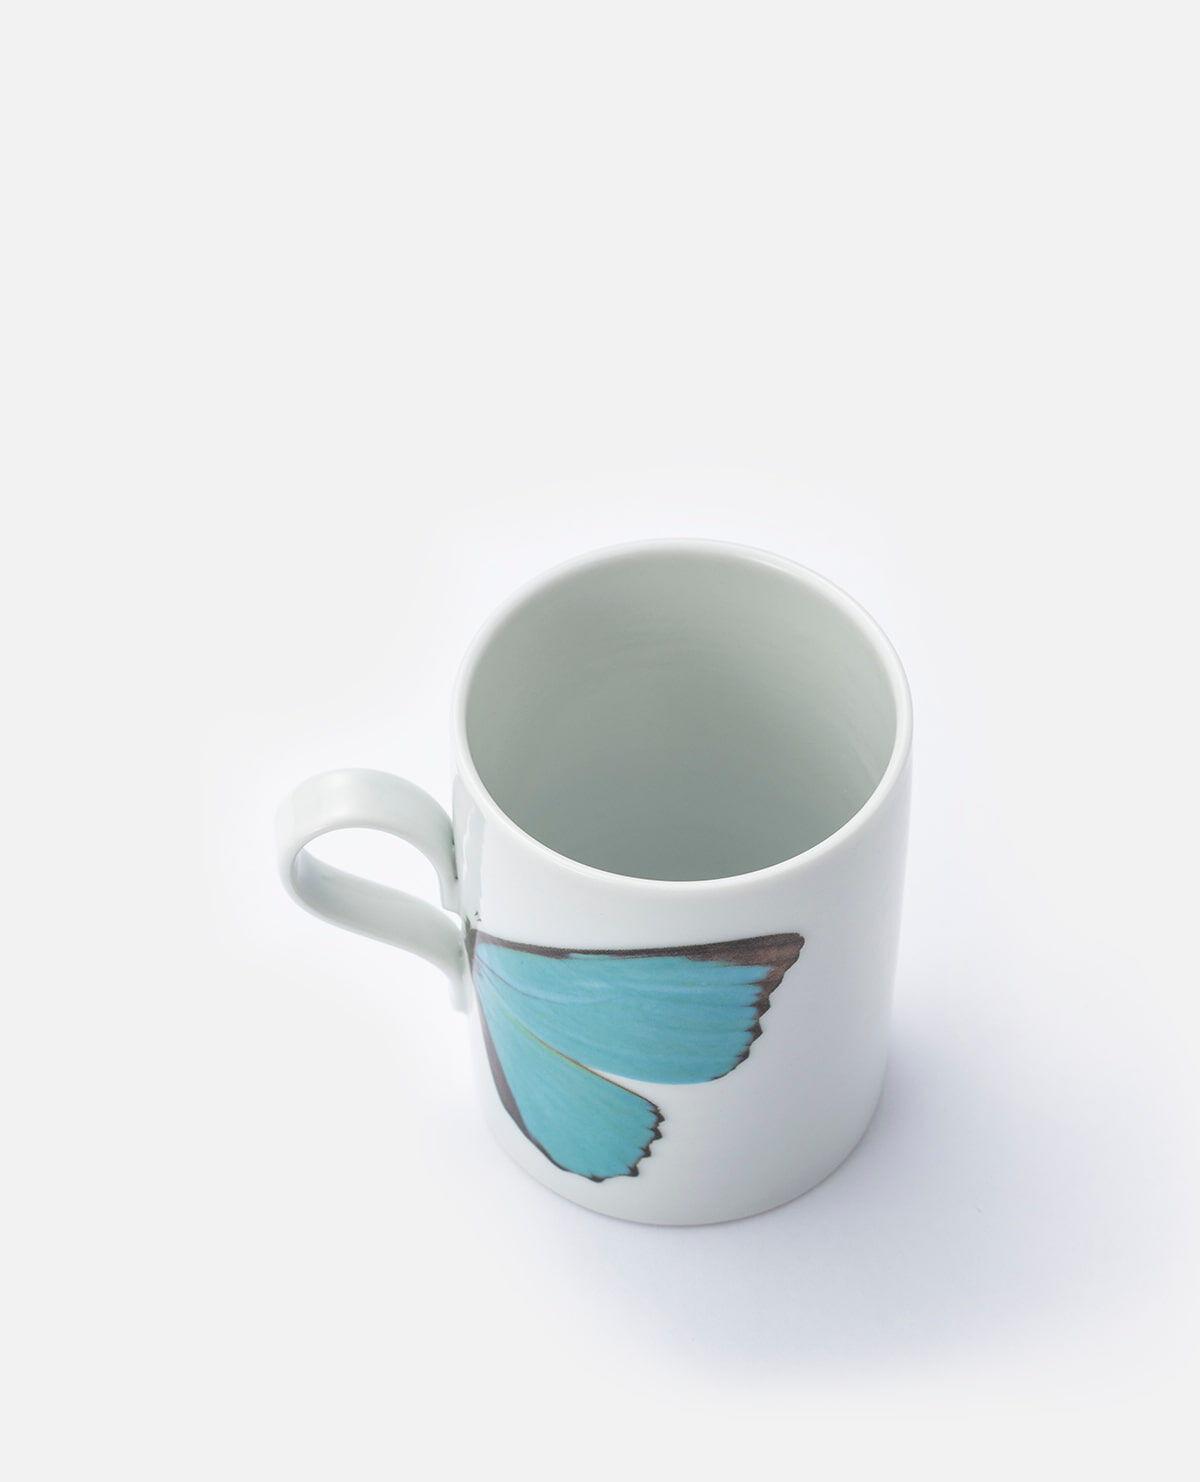 バタフライマグカップ ギフトセット ブルー&ラヴィング